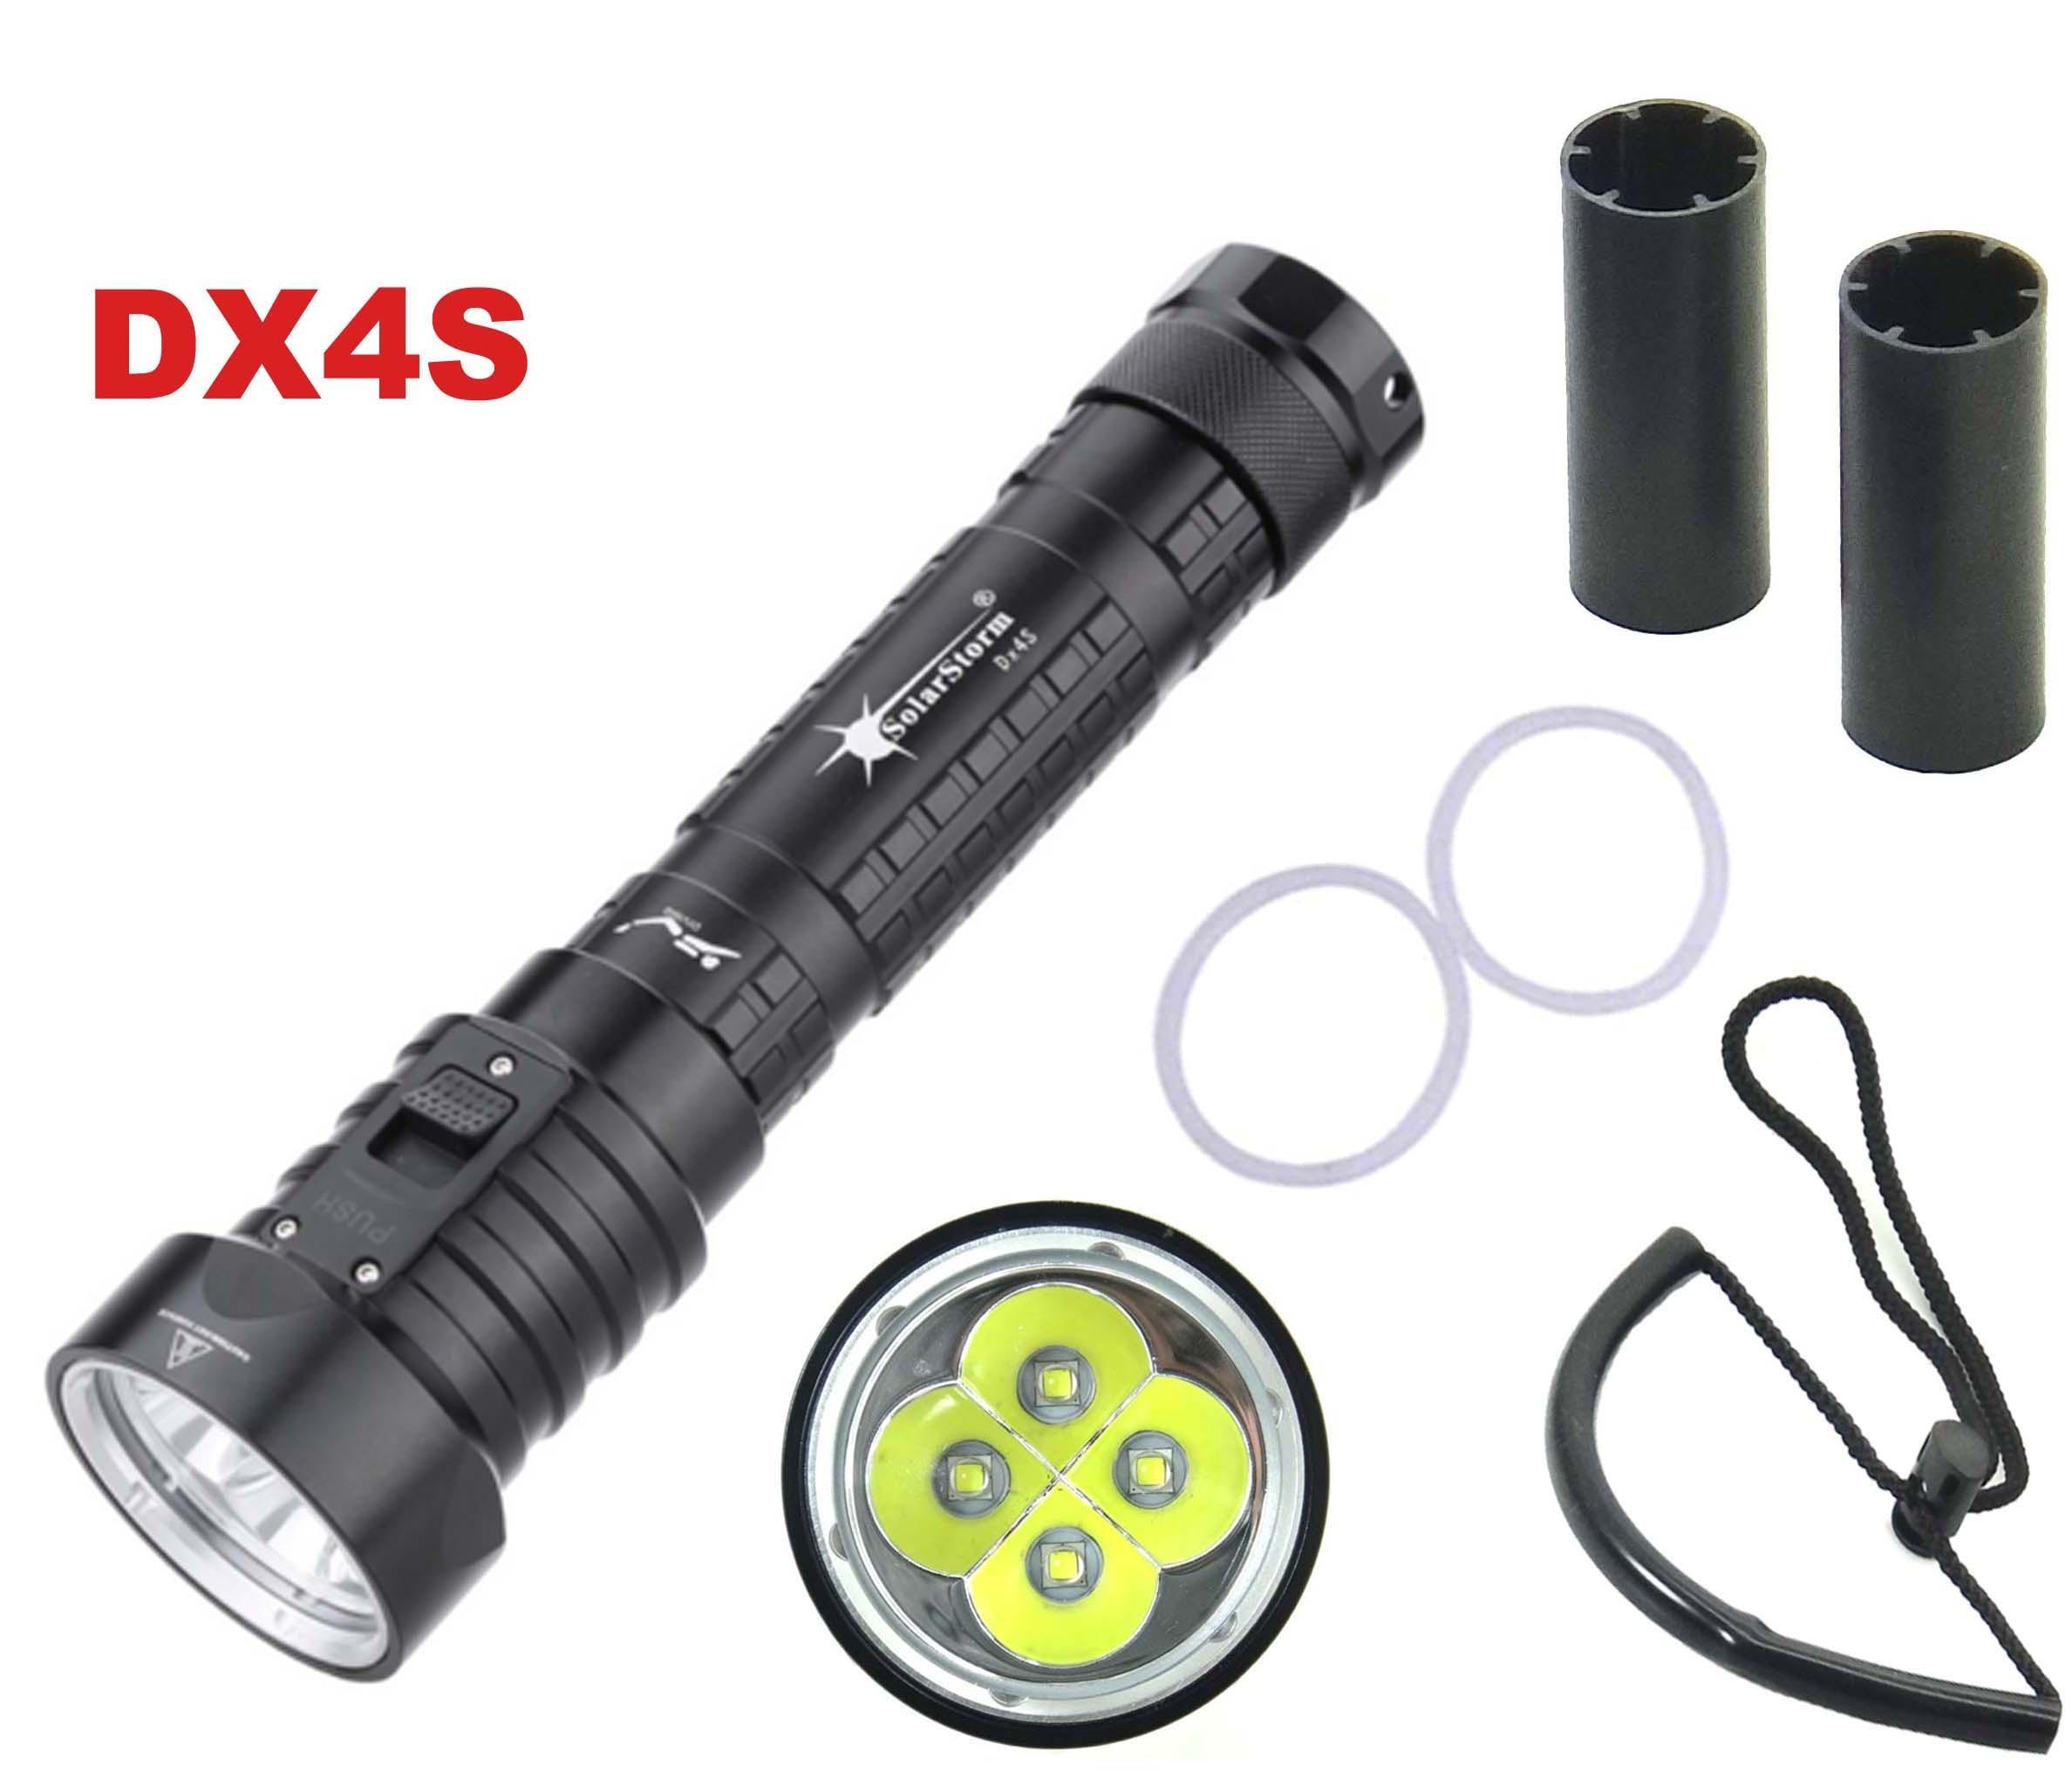 Solarstorm DX4S LED Tauchen Taschenlampe 4x * L2 4L2 Unterwasser 18650 26650 Taschenlampe Helligkeit Wasserdichte 100 m Licht Led Taschenlampe